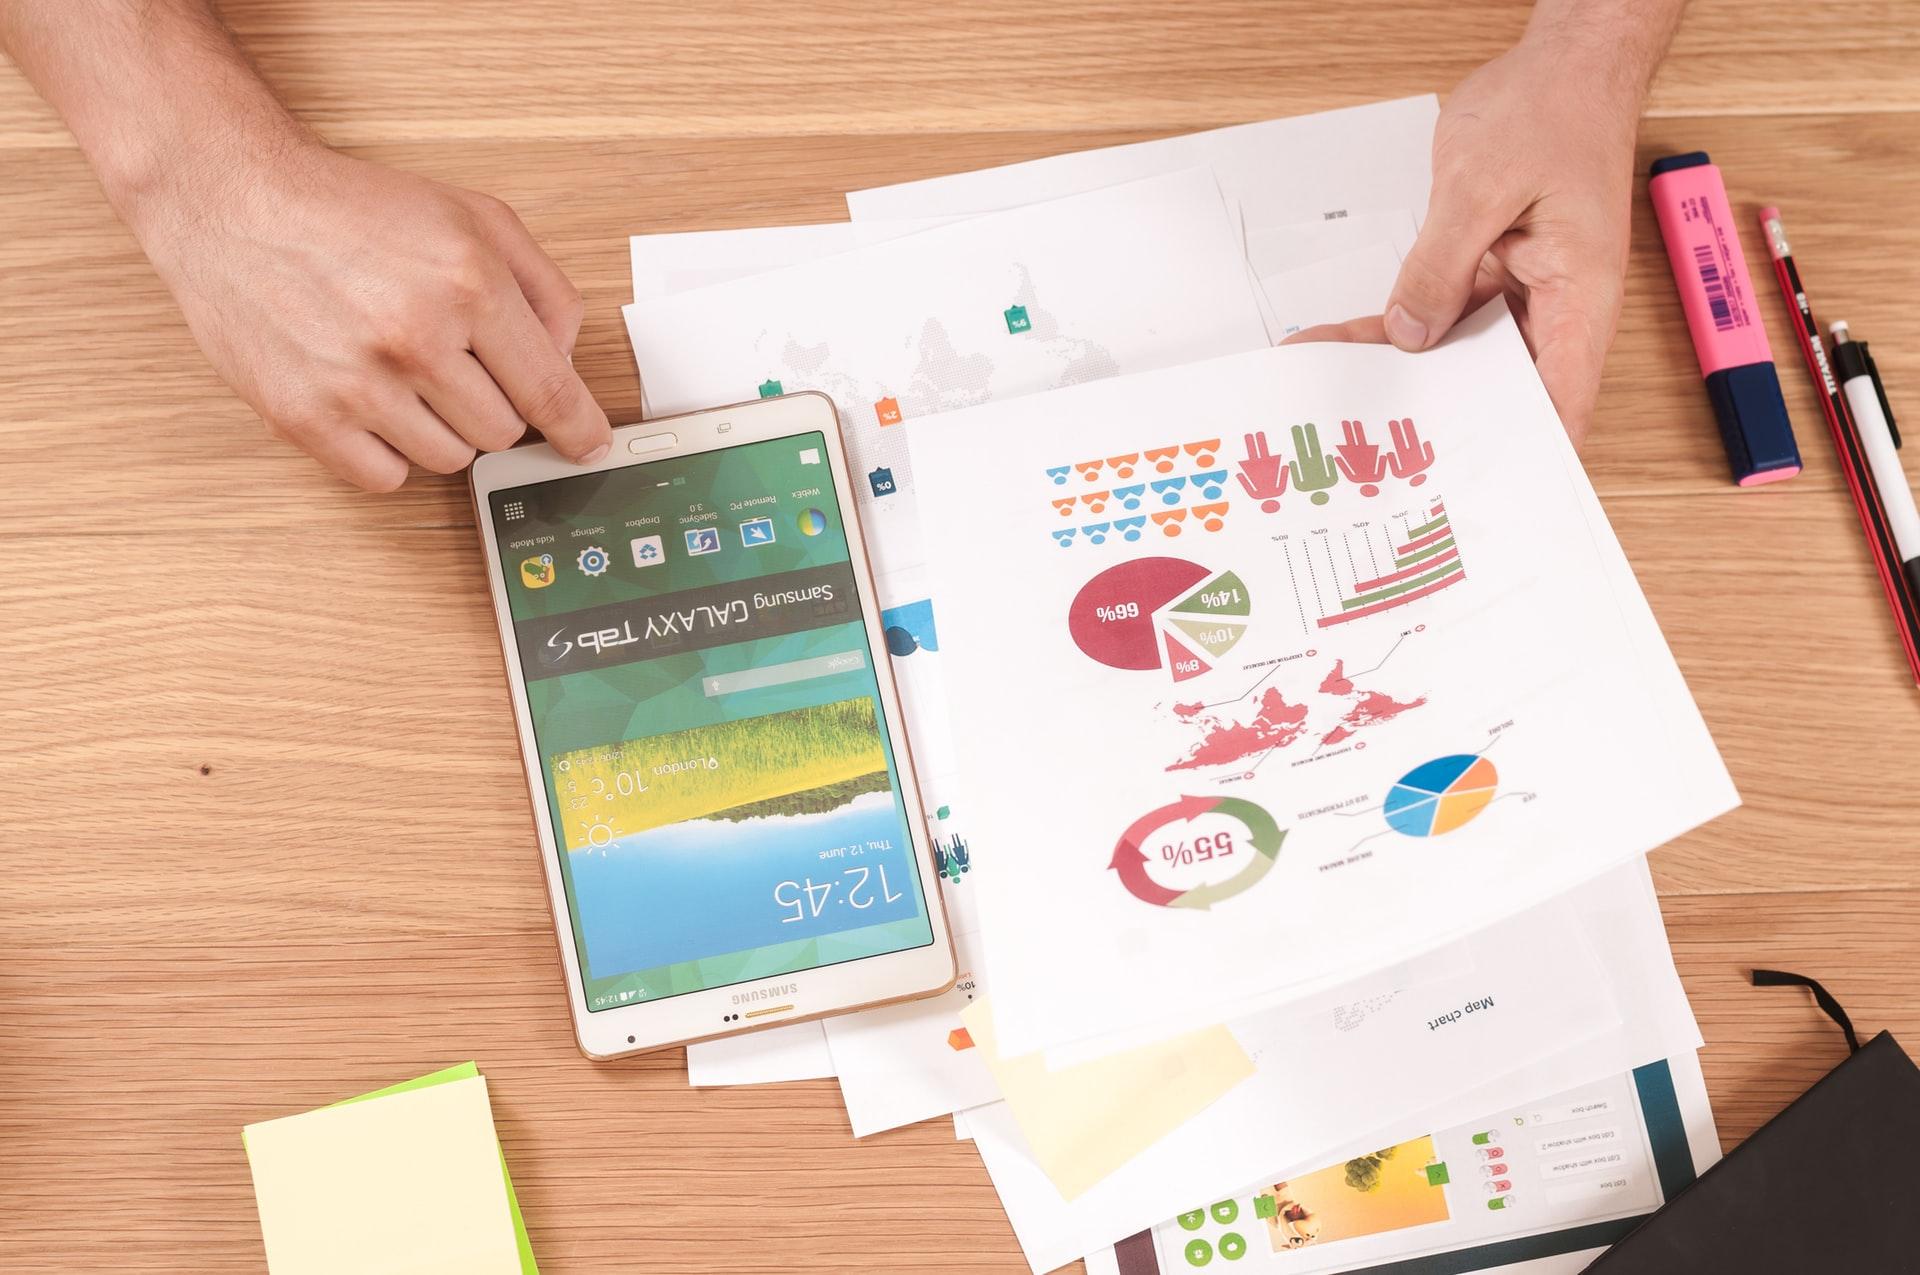 Mobile Apps for Branding